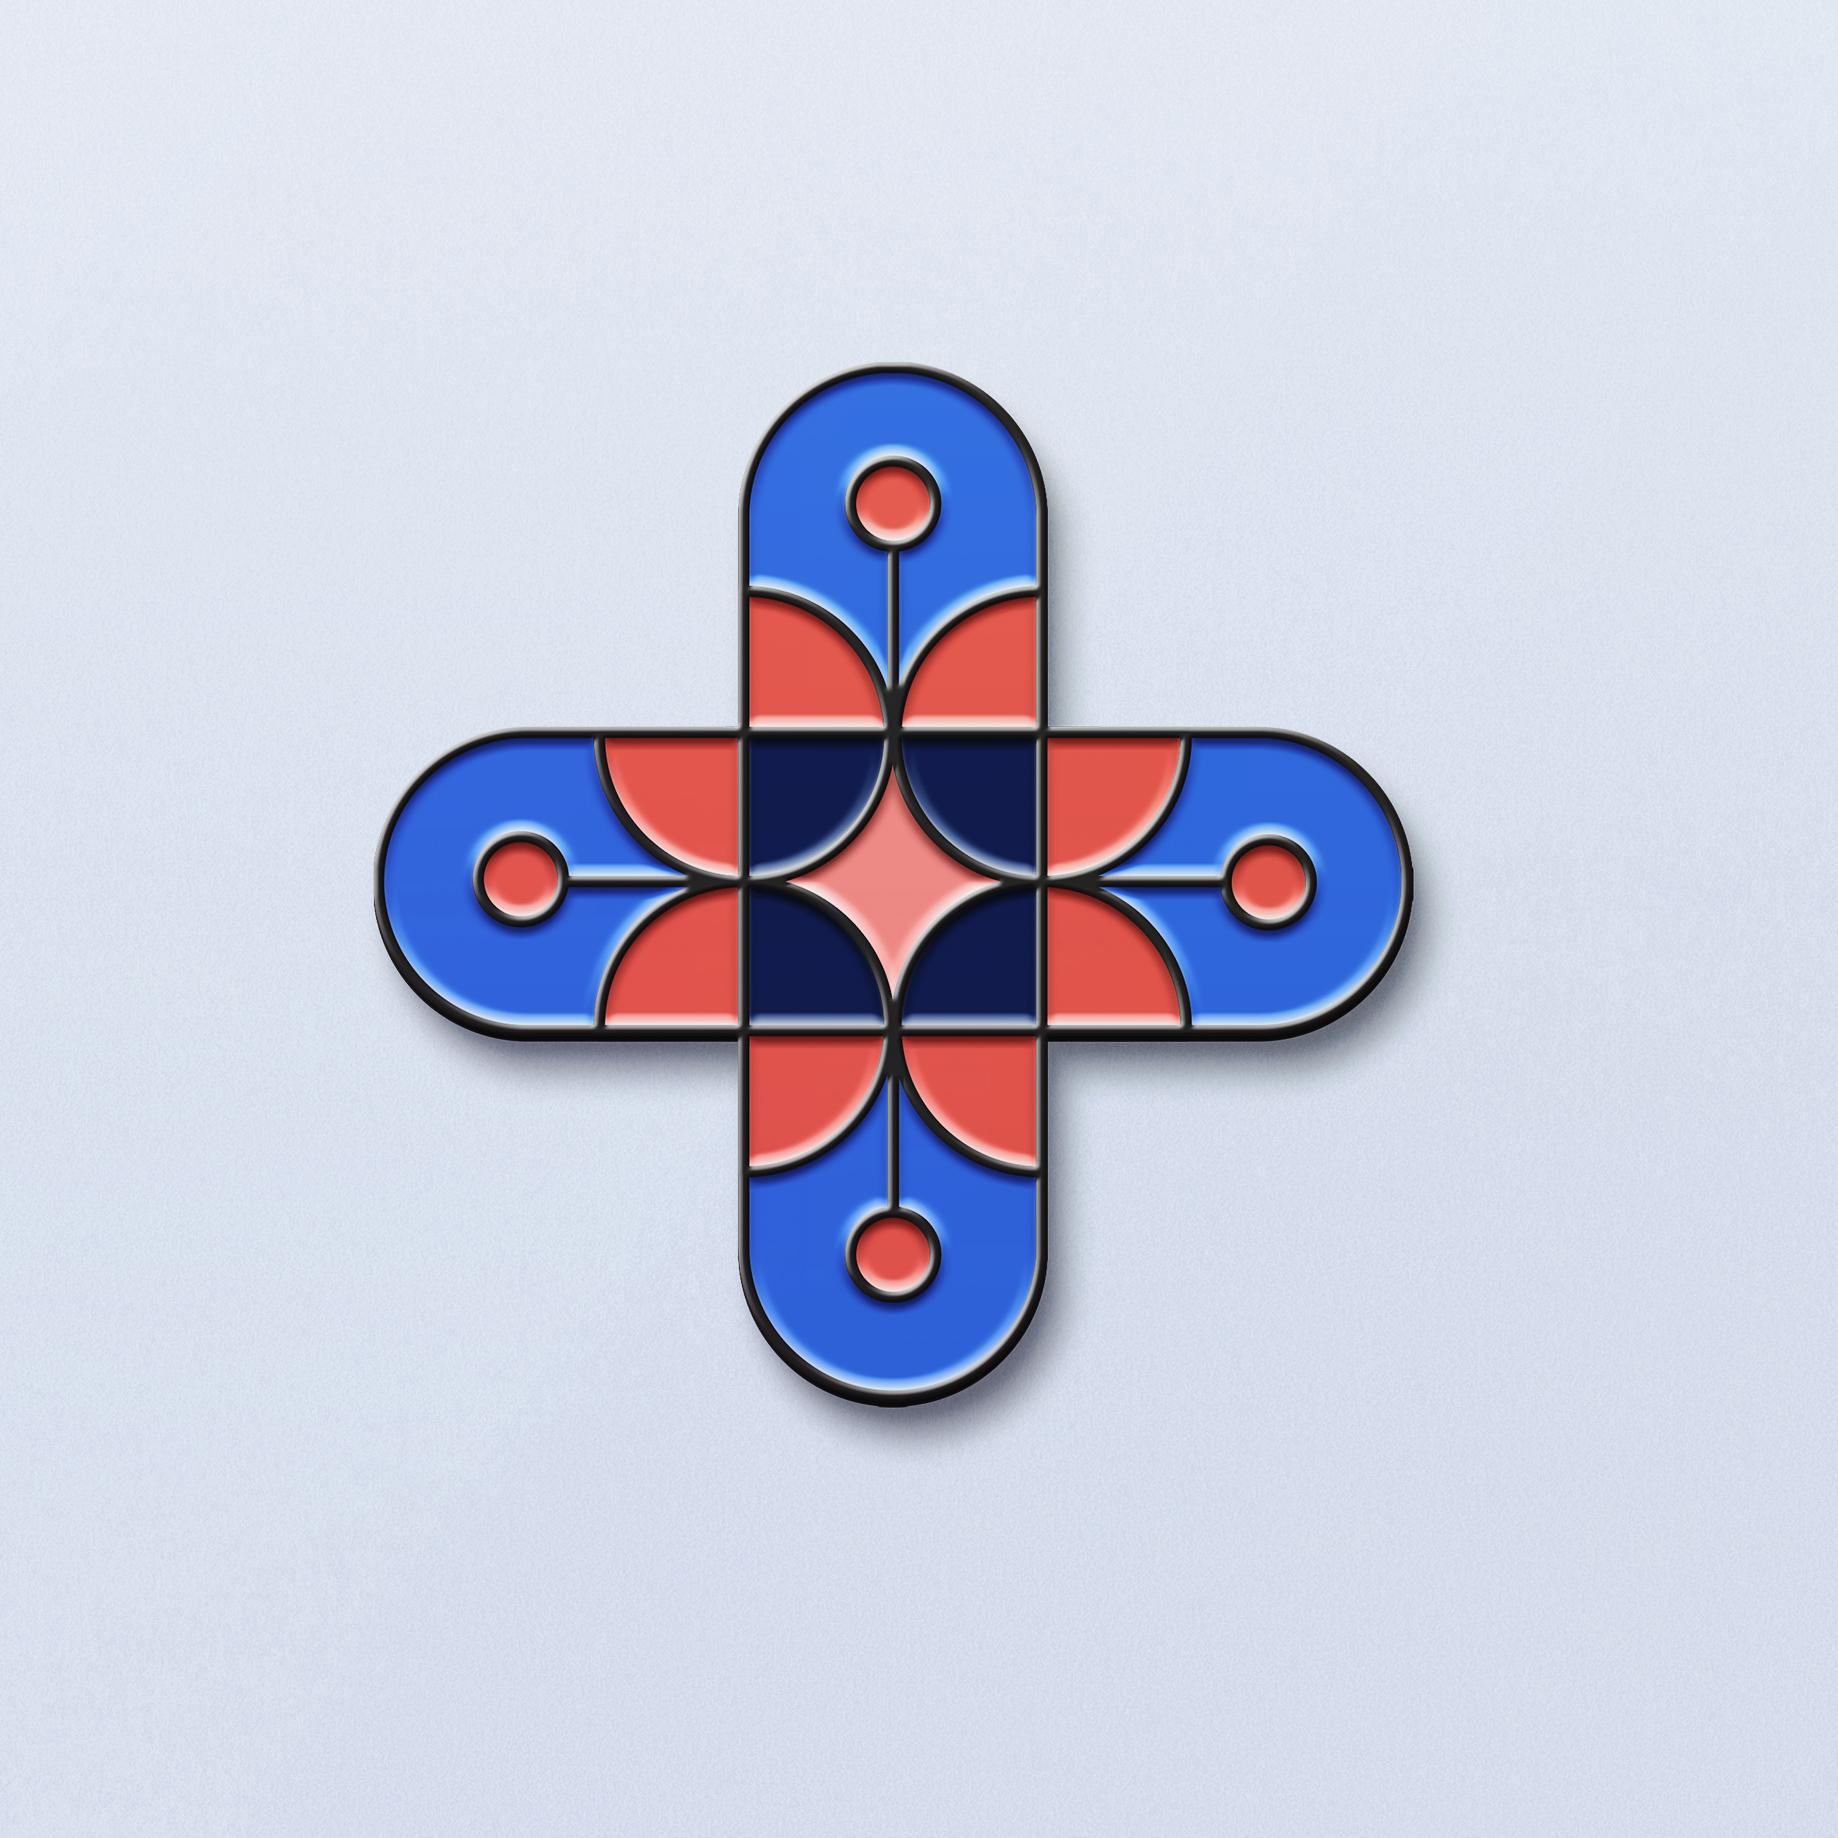 Pins de l'identité visuelle de la marque de bière artisanale Notre Dame